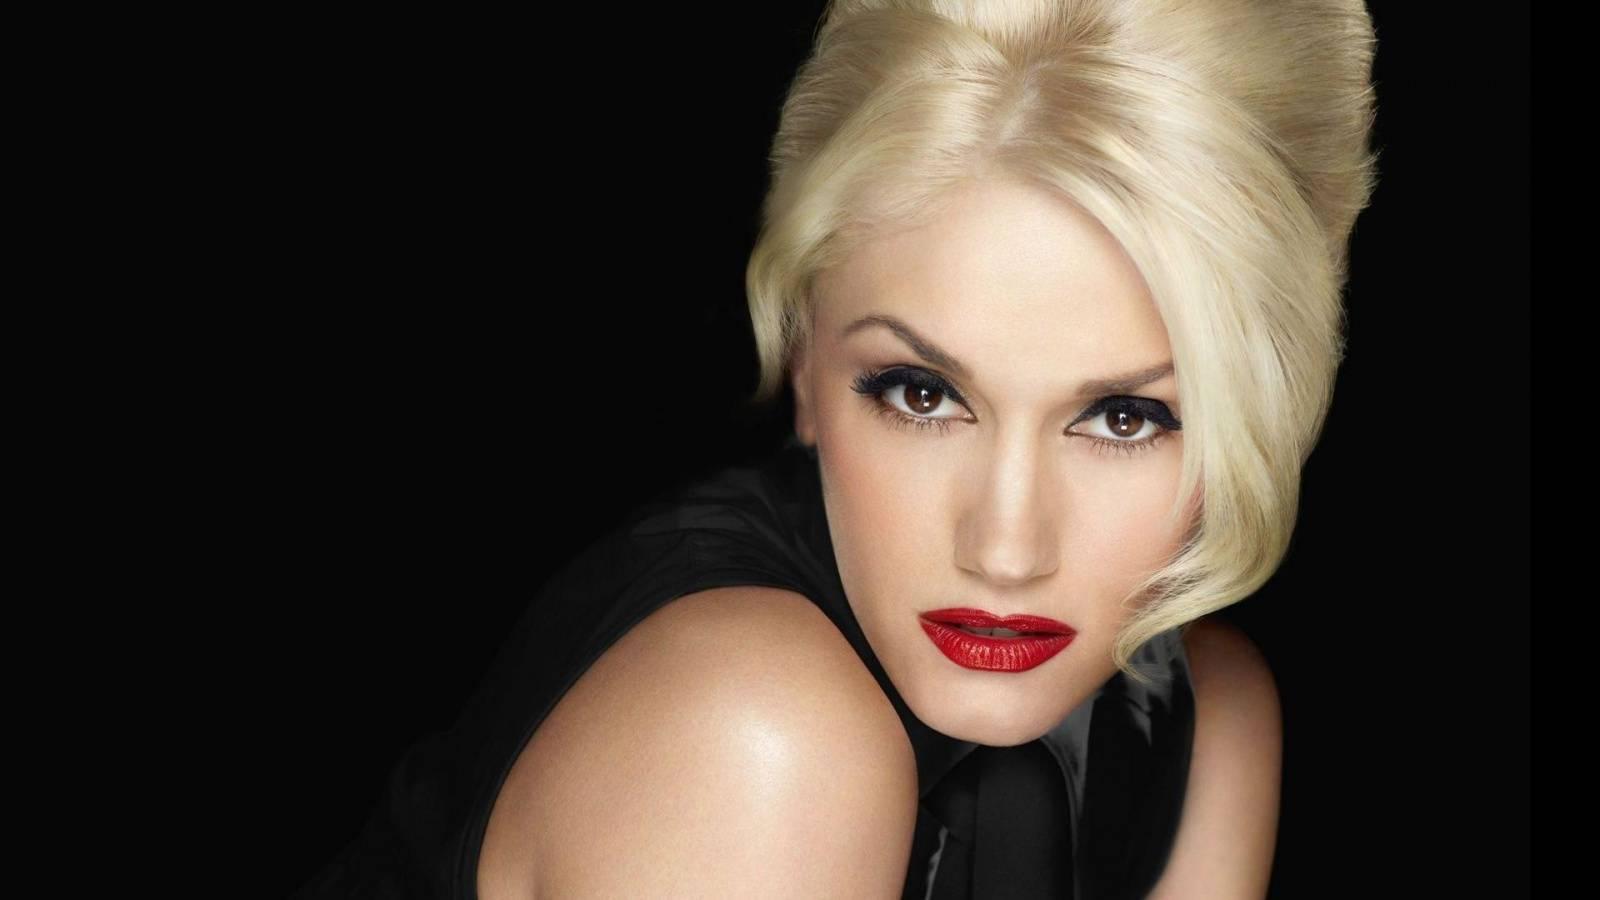 HITPARÁDY (39.): Adele, Rihanna, Gwen Stefani. Světovým žebříčkům vládnou ženy